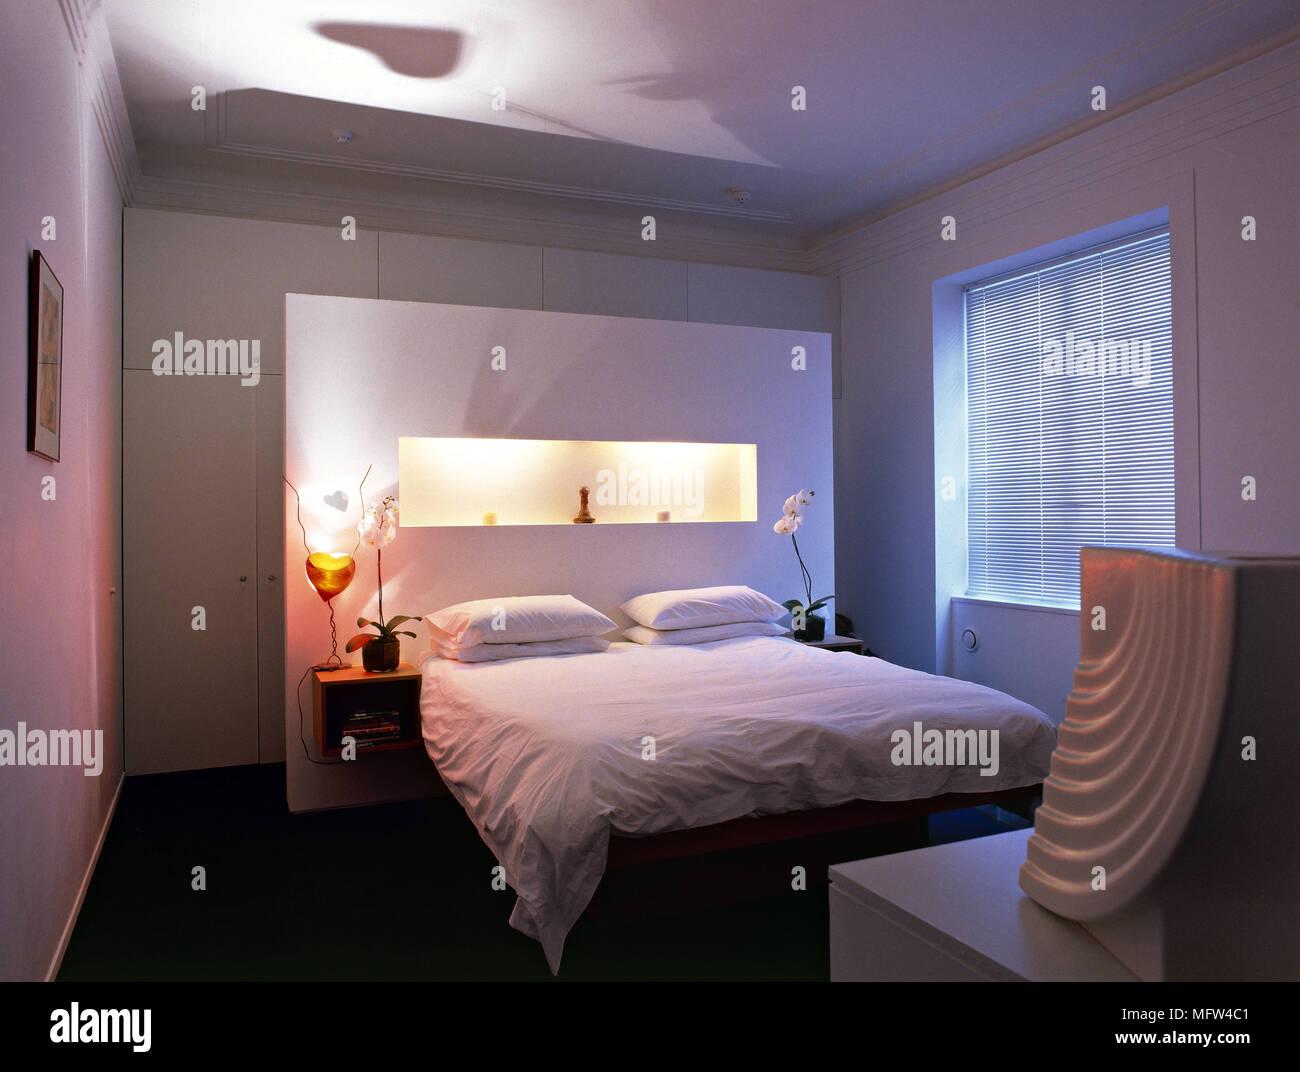 une chambre moderne avec lit double lit alc ve dans mur autoportant coucher derri re les murs. Black Bedroom Furniture Sets. Home Design Ideas